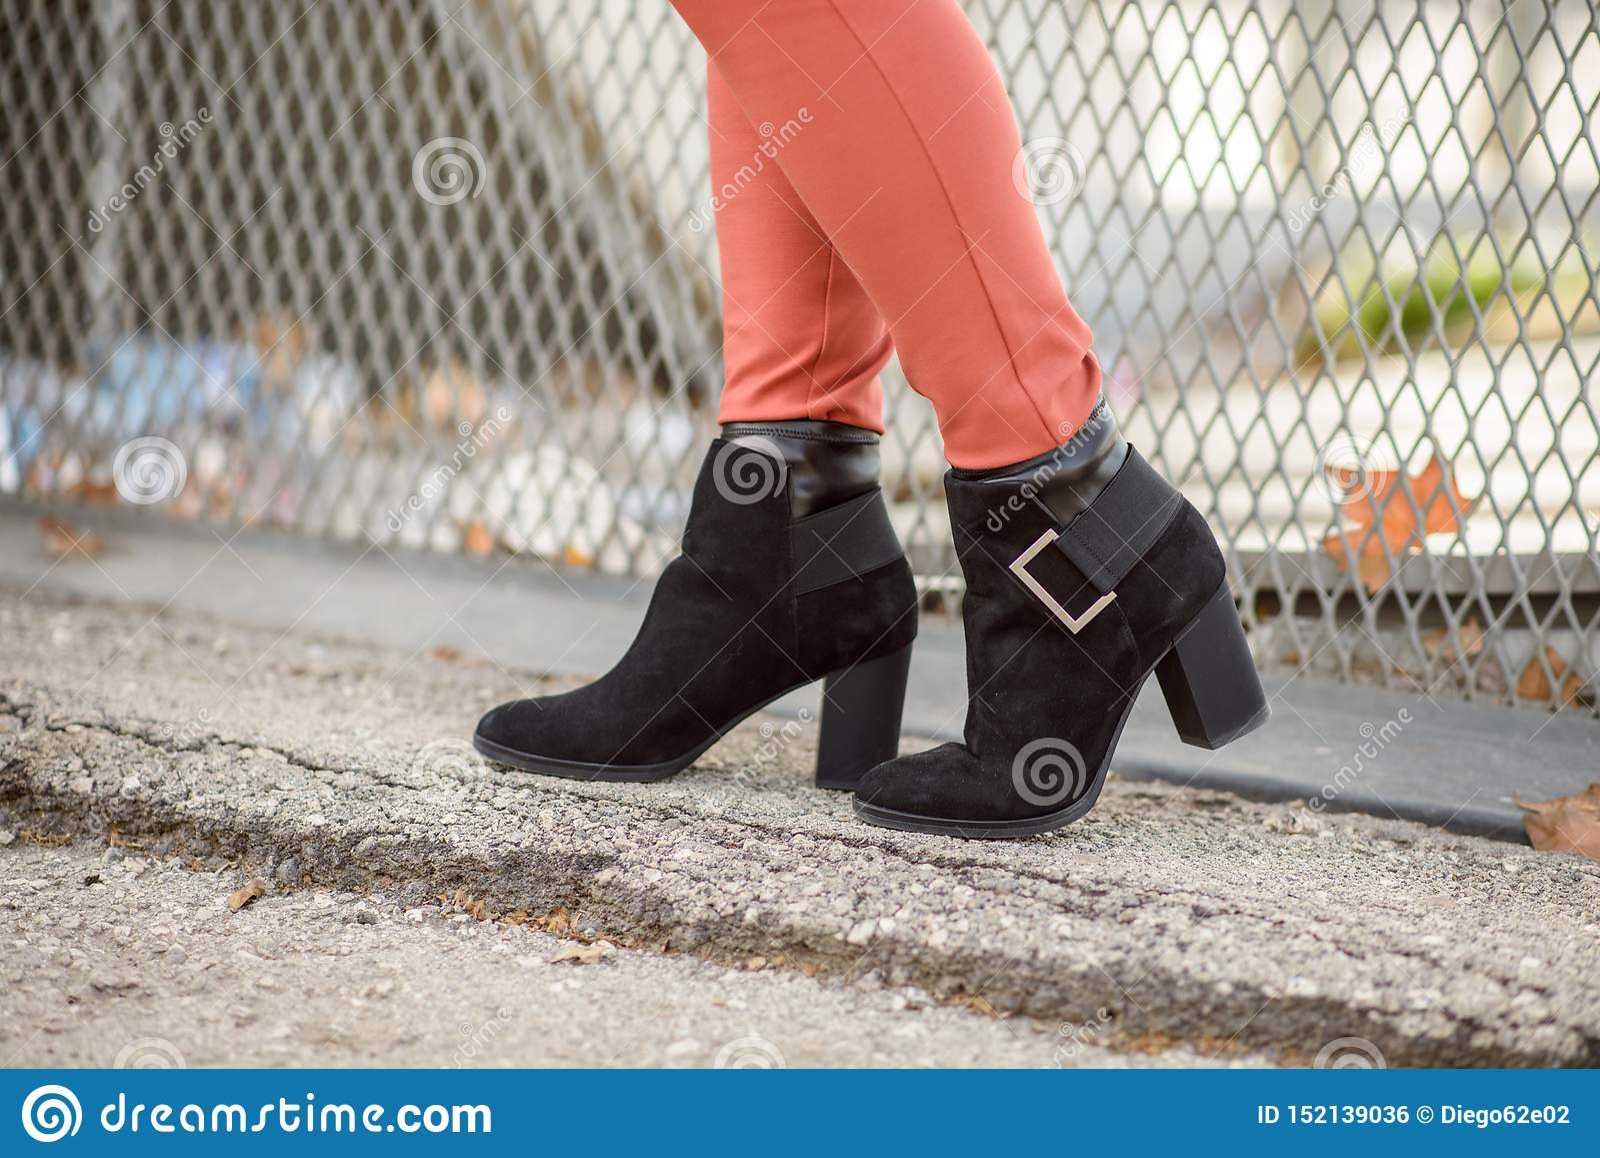 Las botas negras de las mujeres